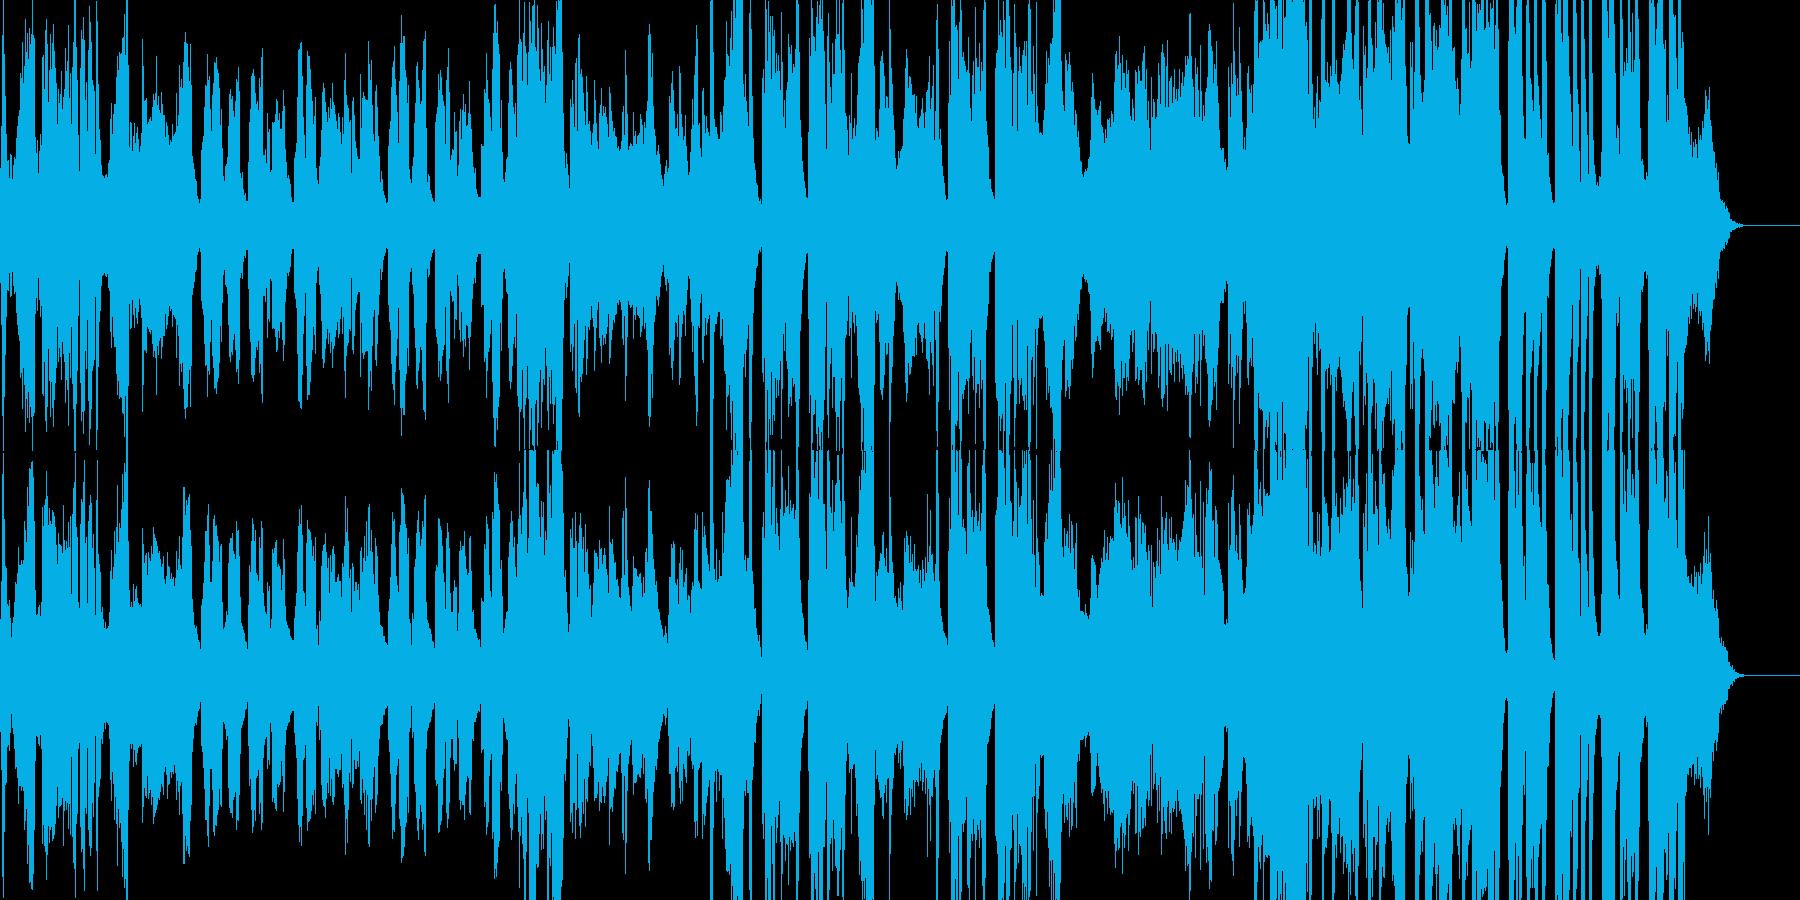 【ベース無し・ドラム無し】ジャズ・おし…の再生済みの波形